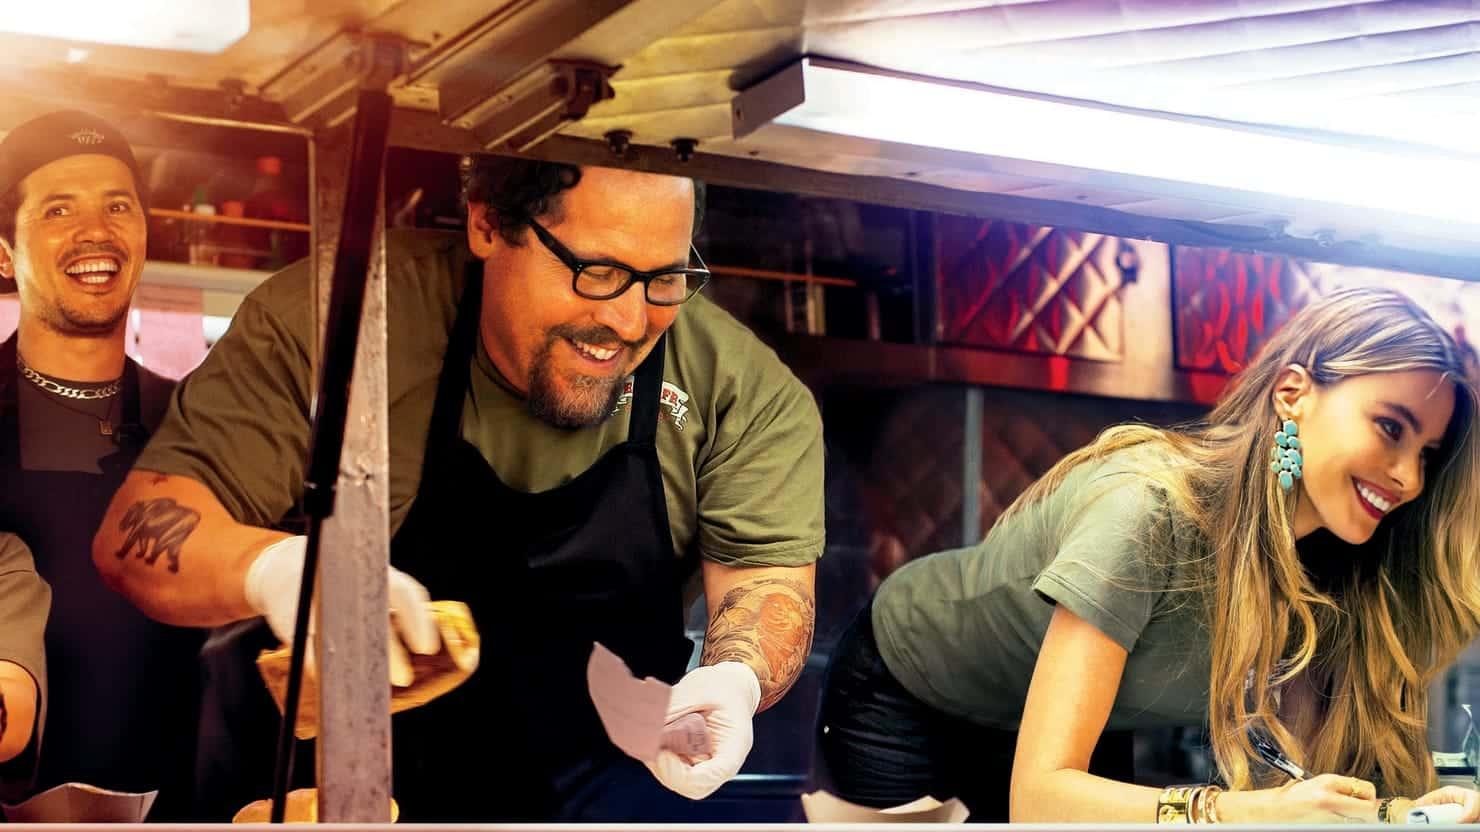 Работа поваром, кондитером в США